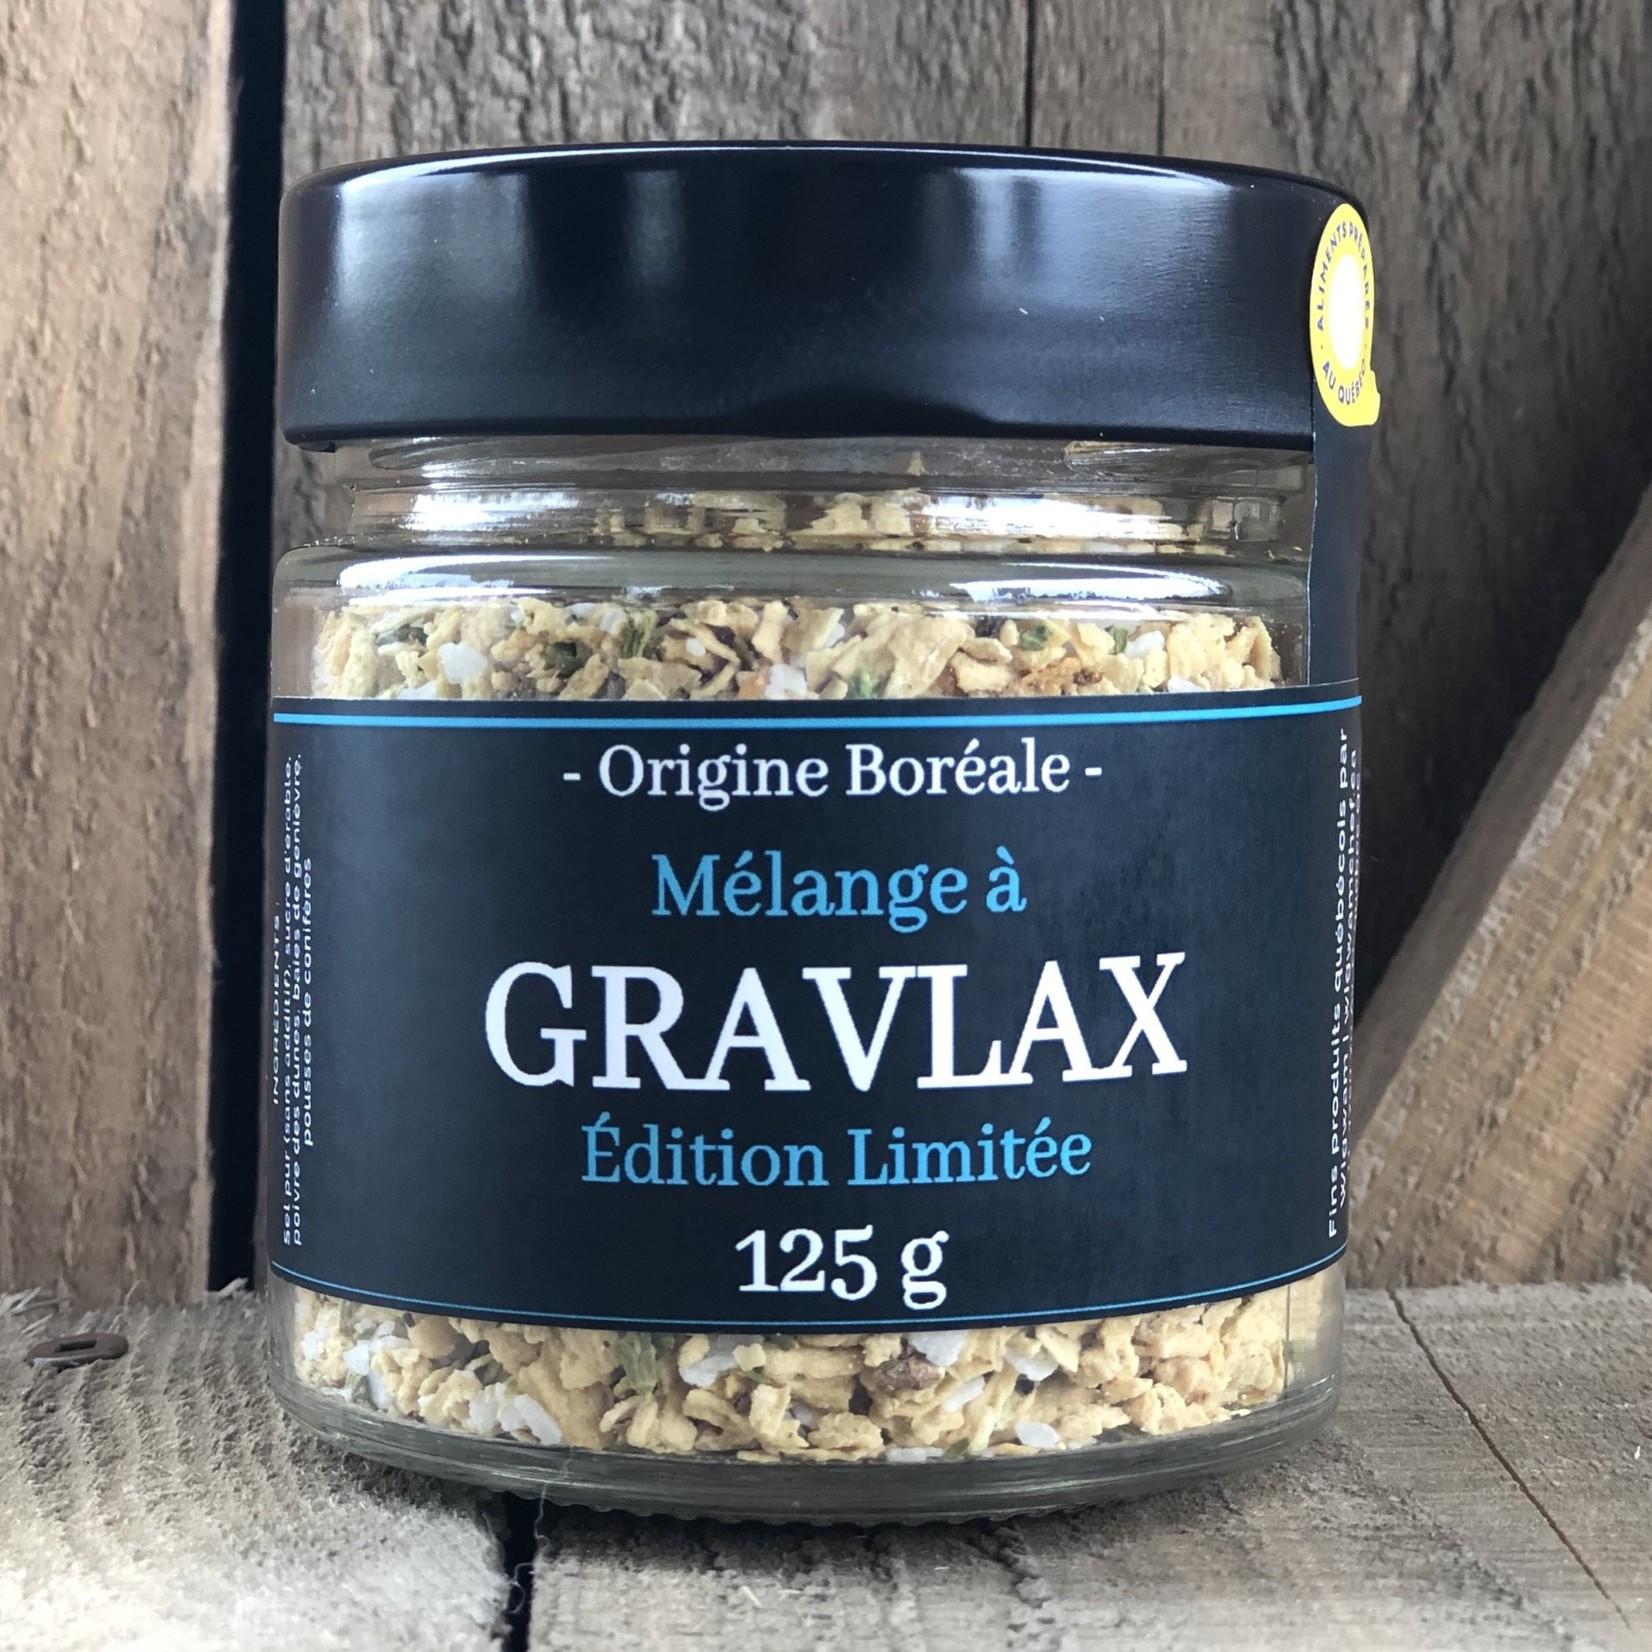 Mélange à Gravlax - Origine Boréale - WIGWAM